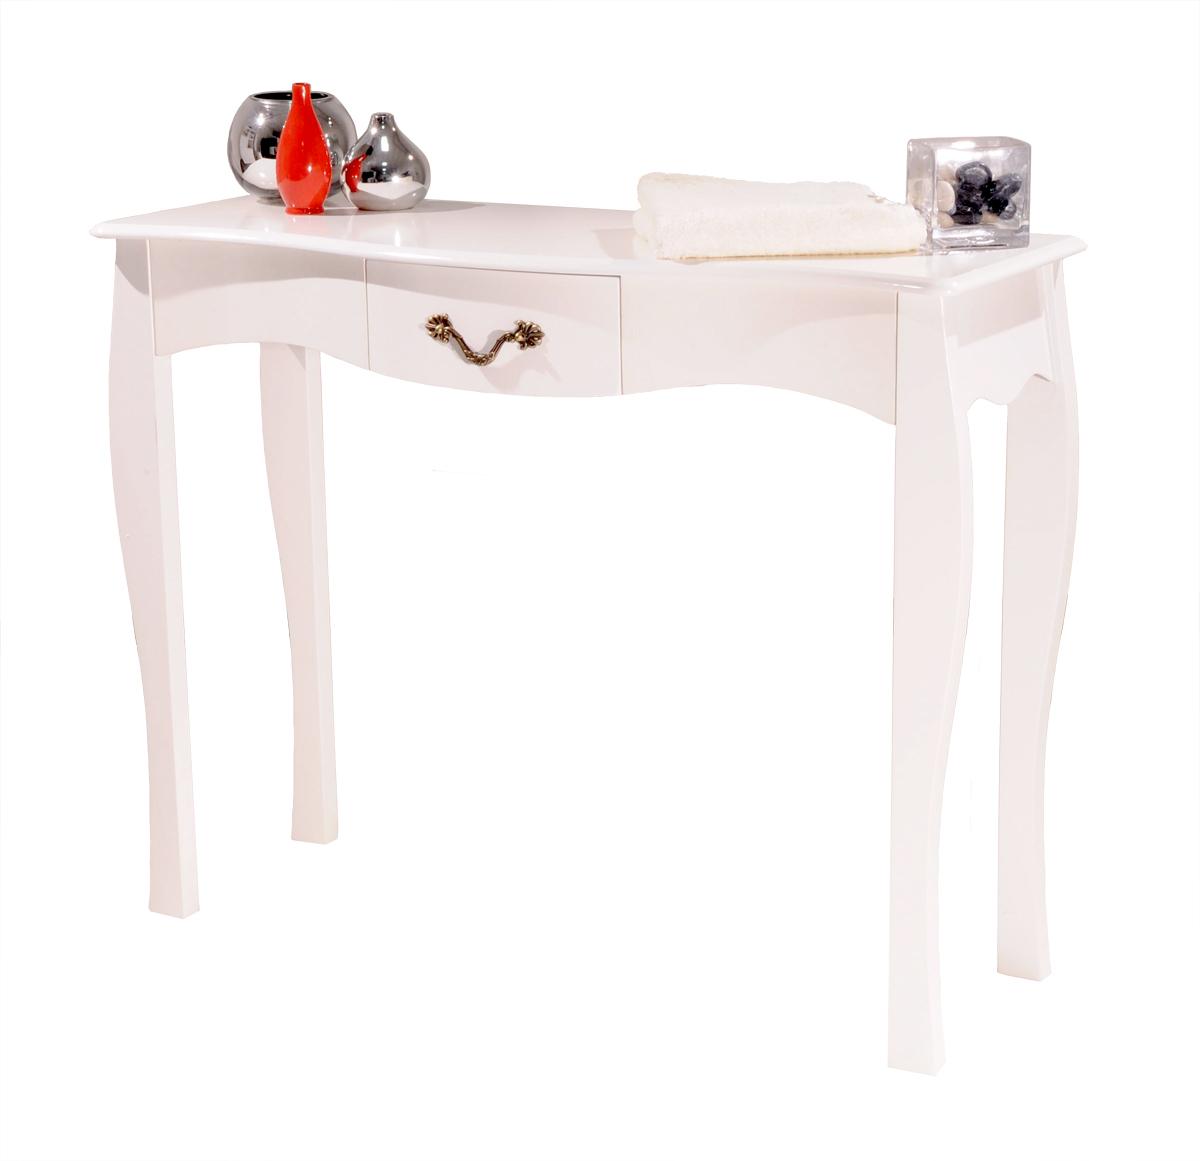 Konsole im Barockstil Louisa, Weiß, 1 Schublade, 102 cm